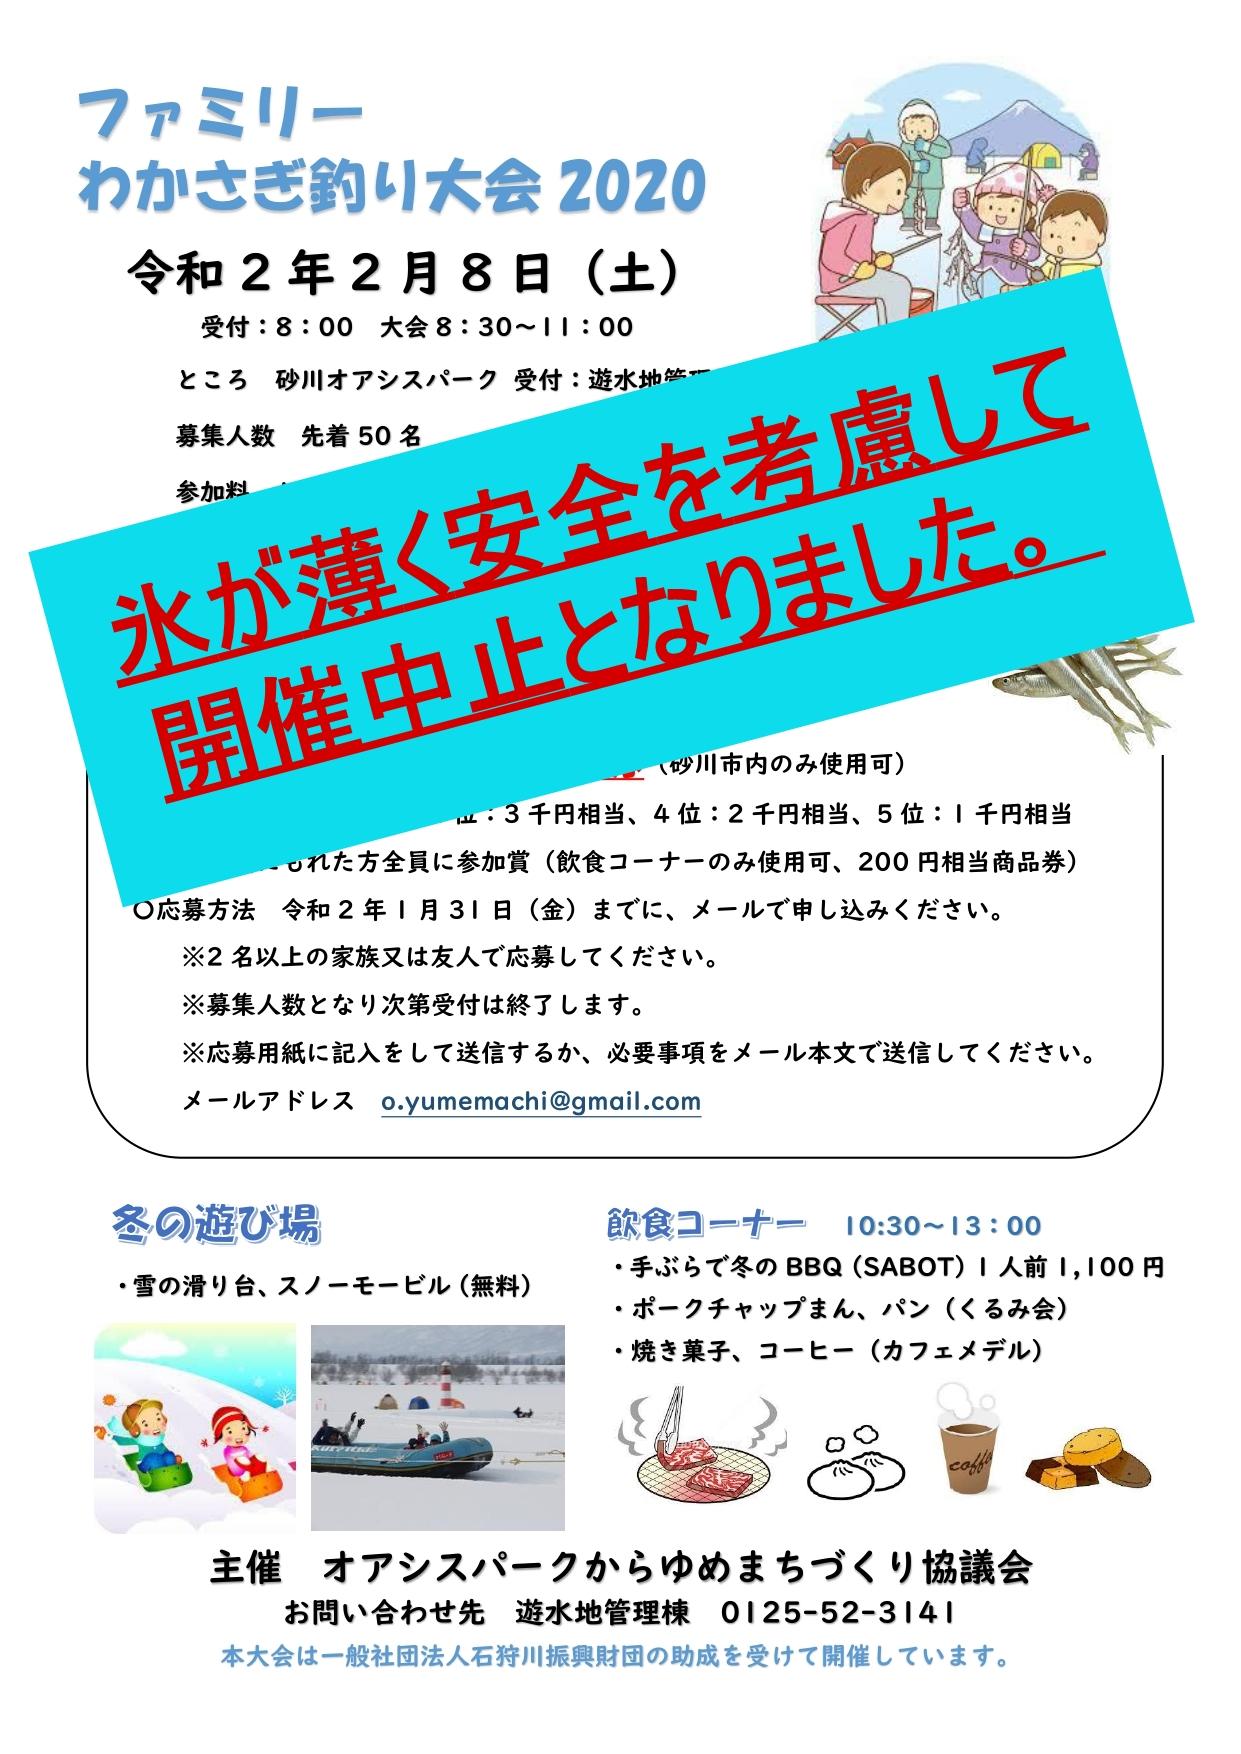 ファミリーわかさぎ釣り大会 2020  ※ 開催中止のお知らせです。のポスター